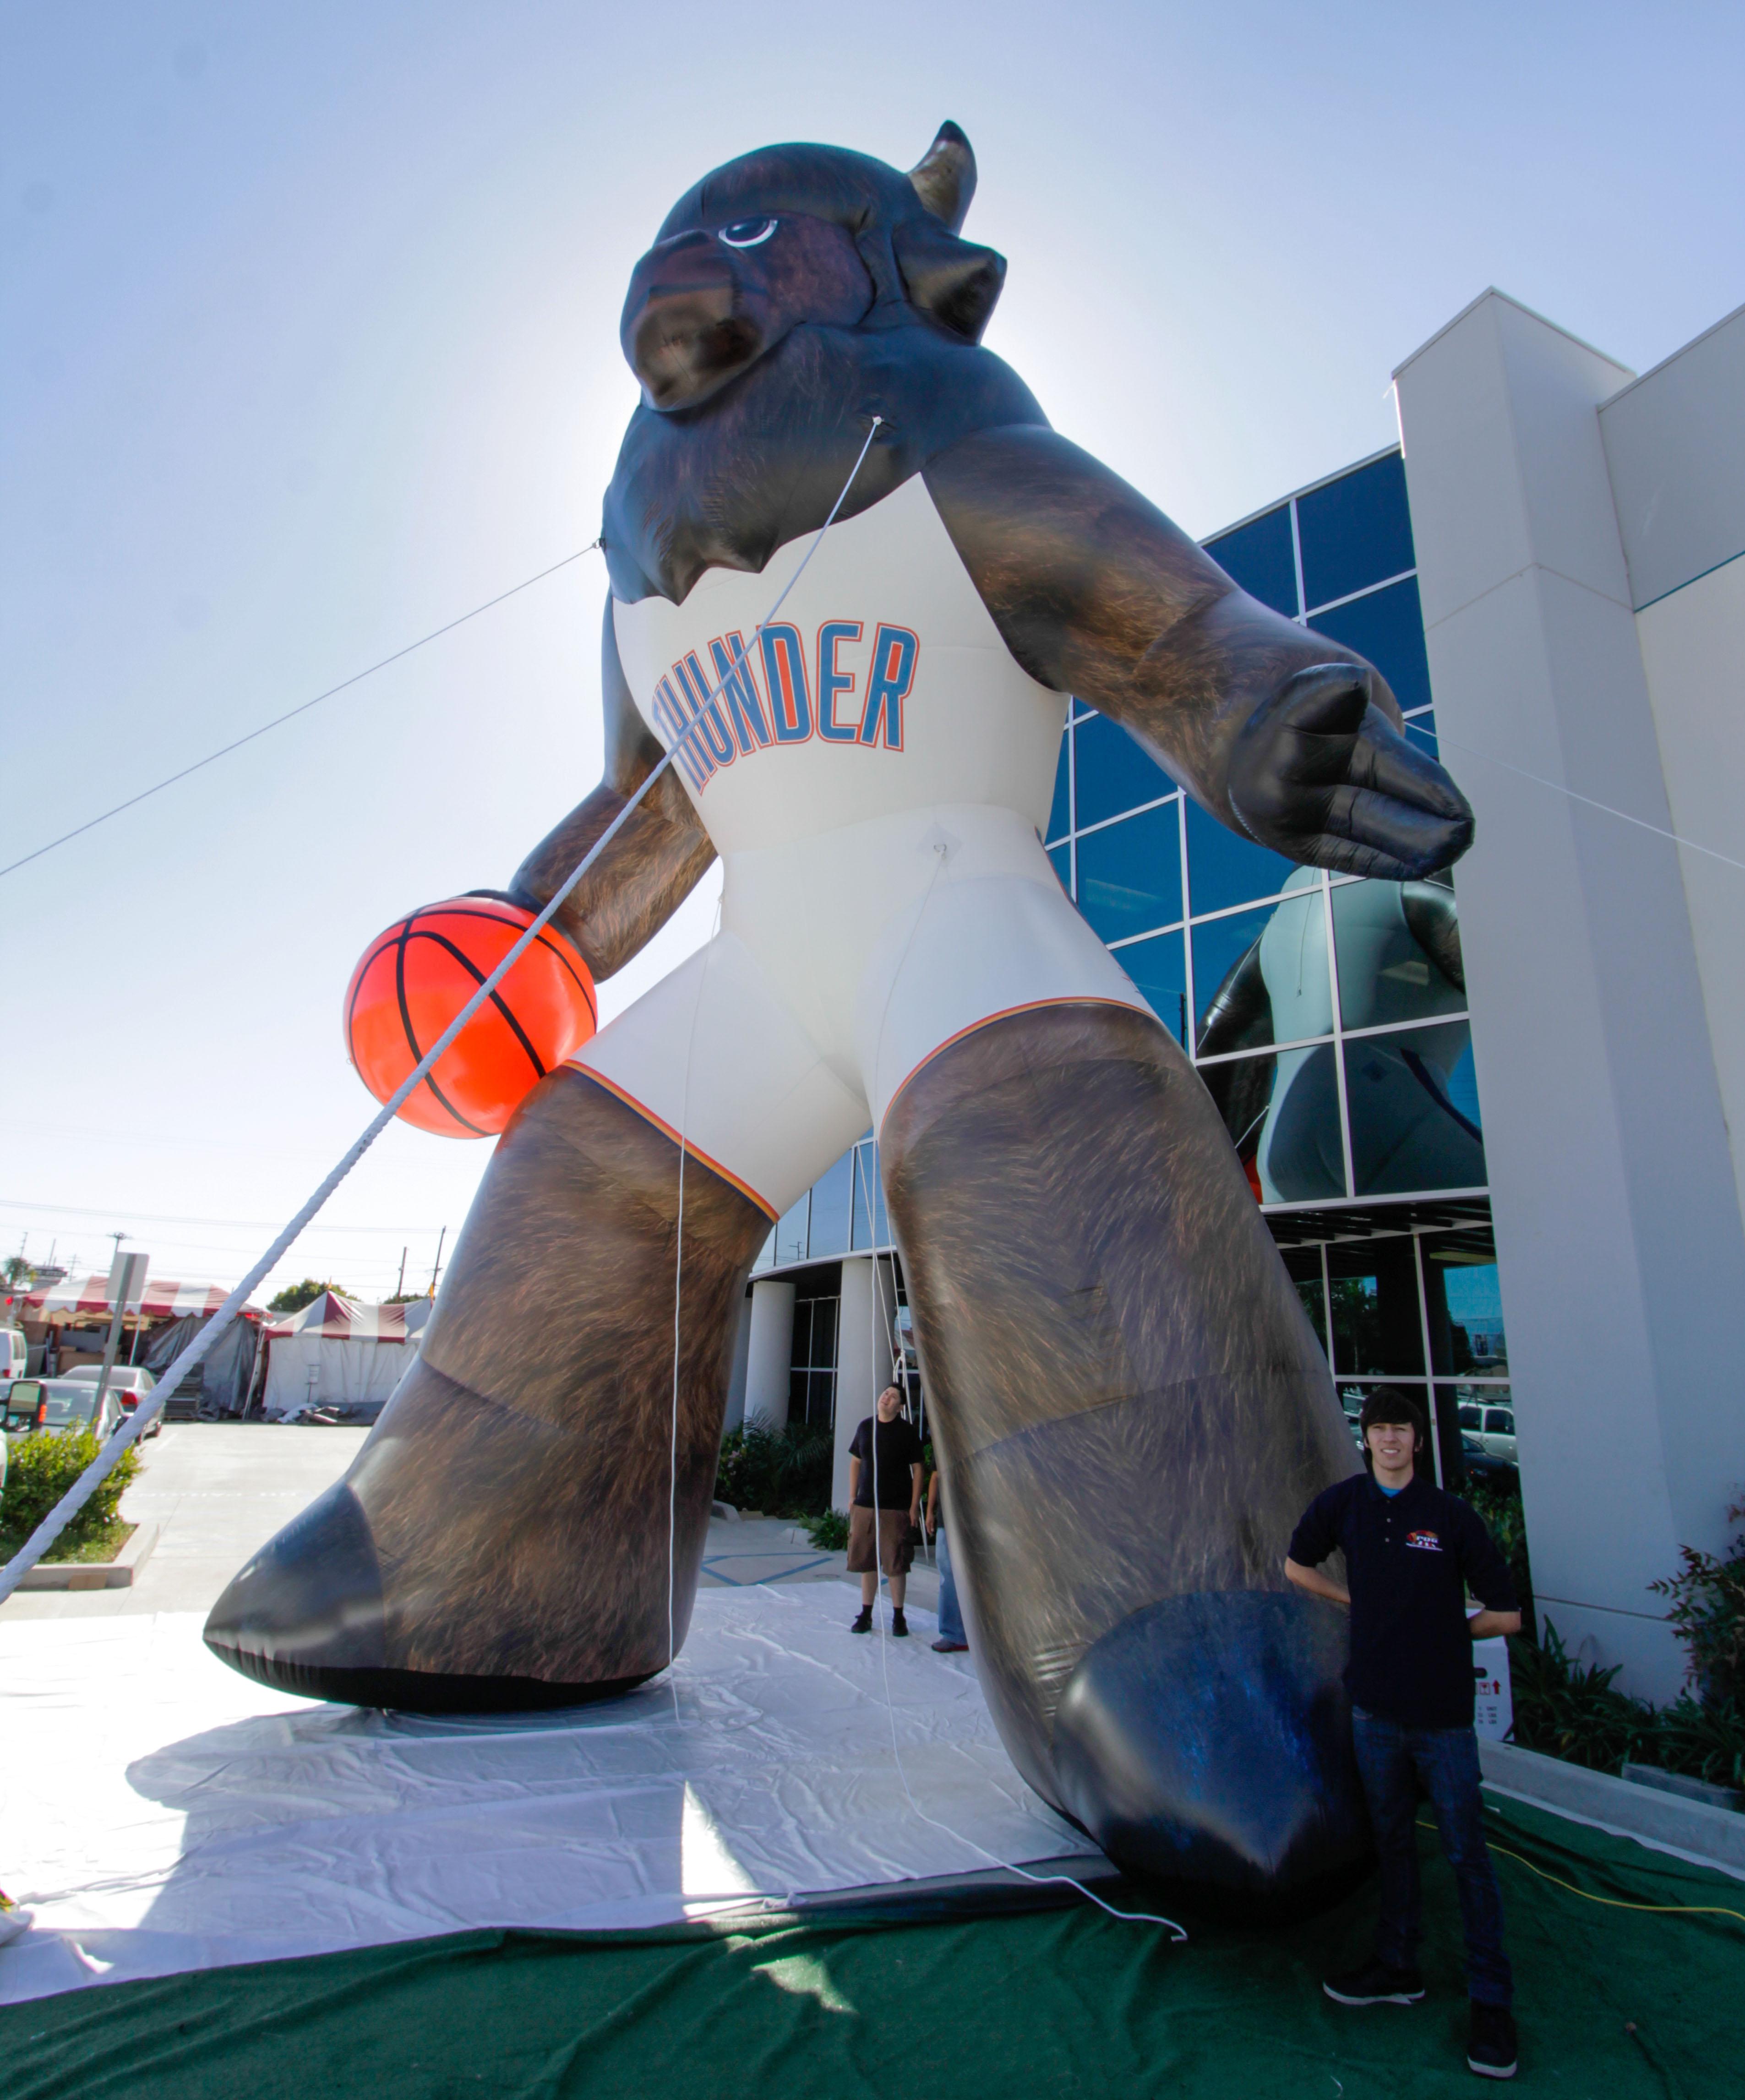 giant-inflatable-mascot-angle.jpg